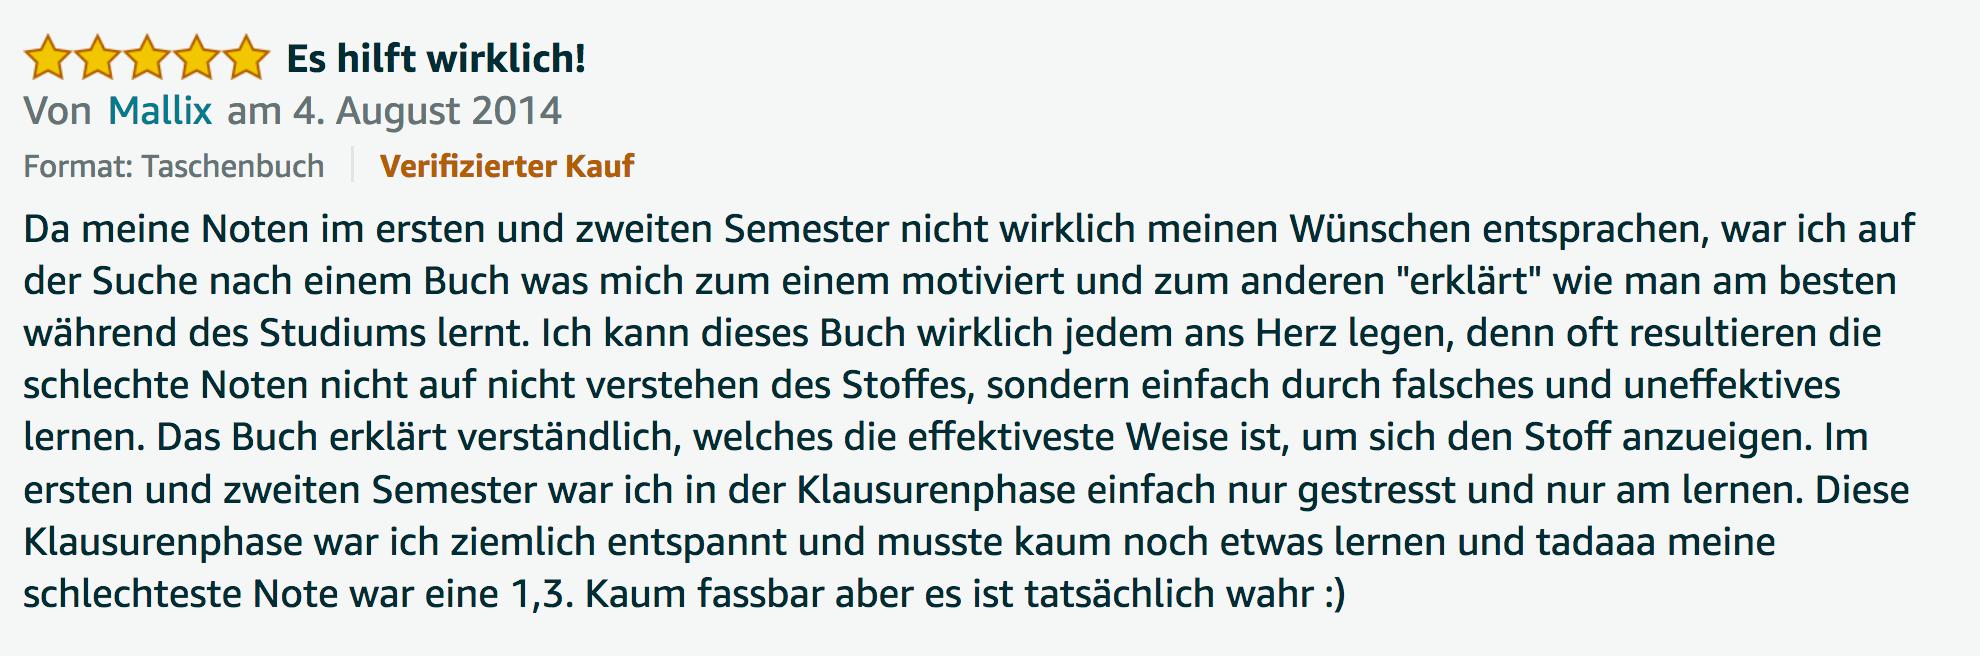 Bestnote Rezension Dr Martin Krengel Erfahrungsbericht Lernkurs - Lernseminar - Lernratgeber - Buch Besser lernen